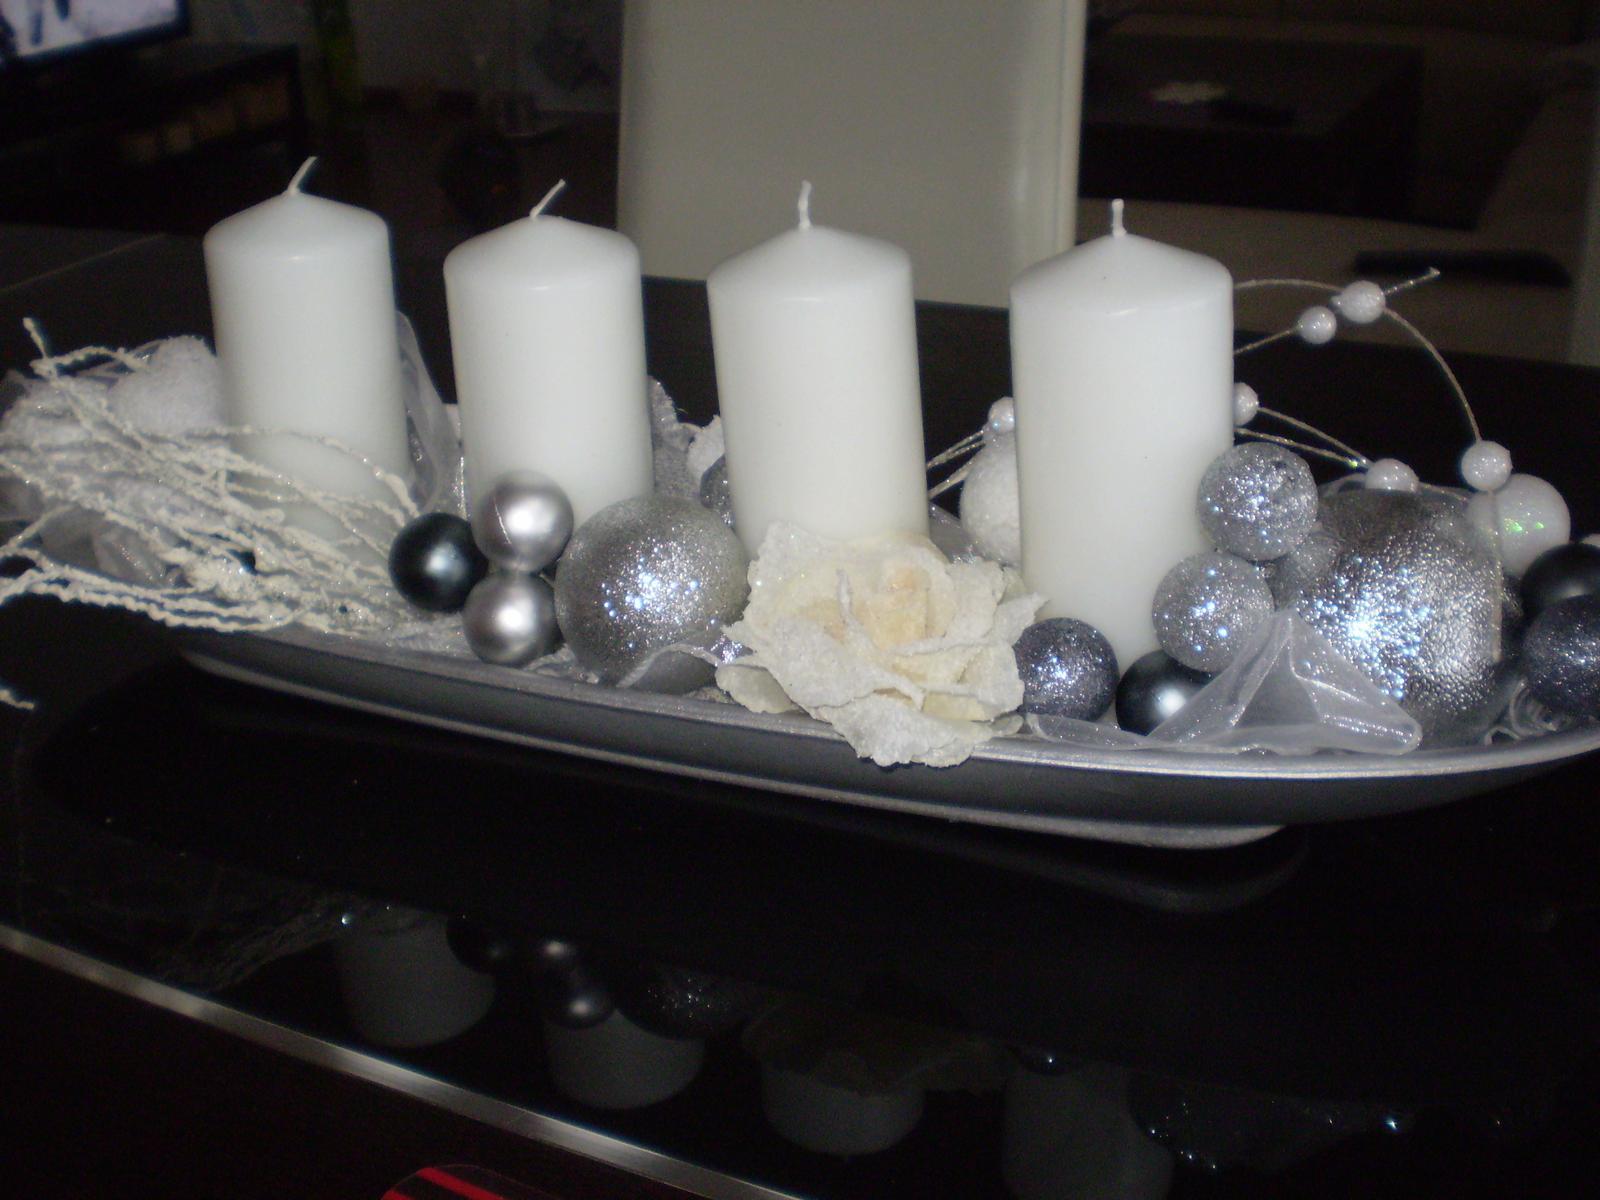 Pokusy o aranžmá... - náš vianočný